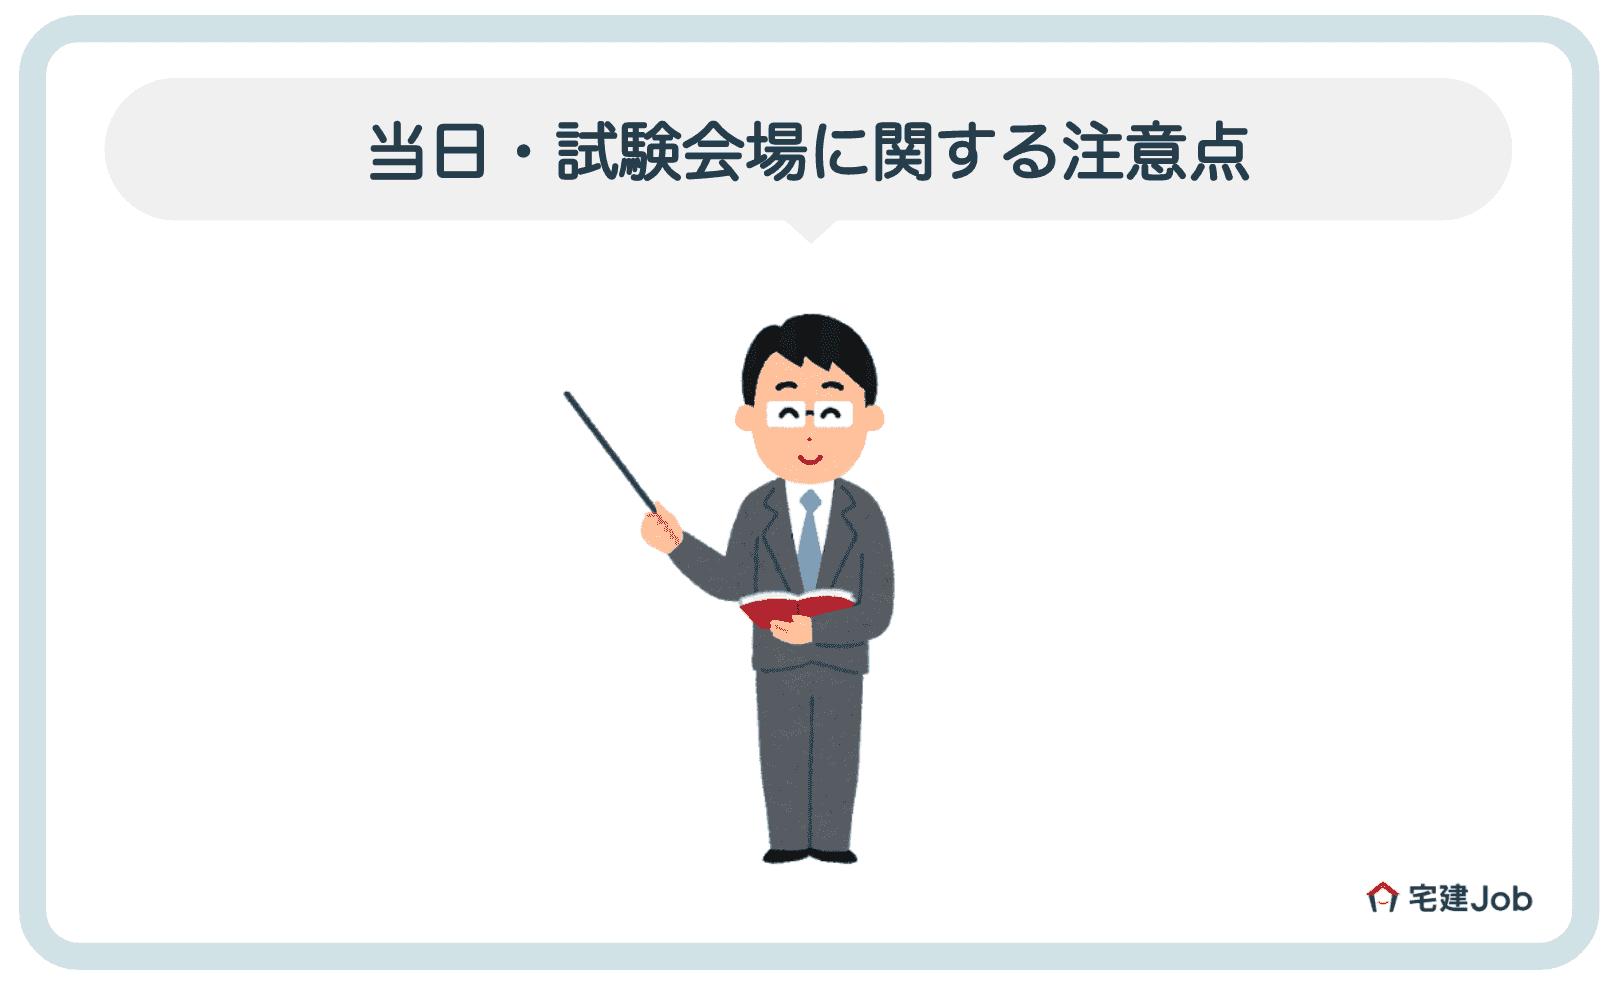 2.マンション管理士の当日・試験会場に関する注意点